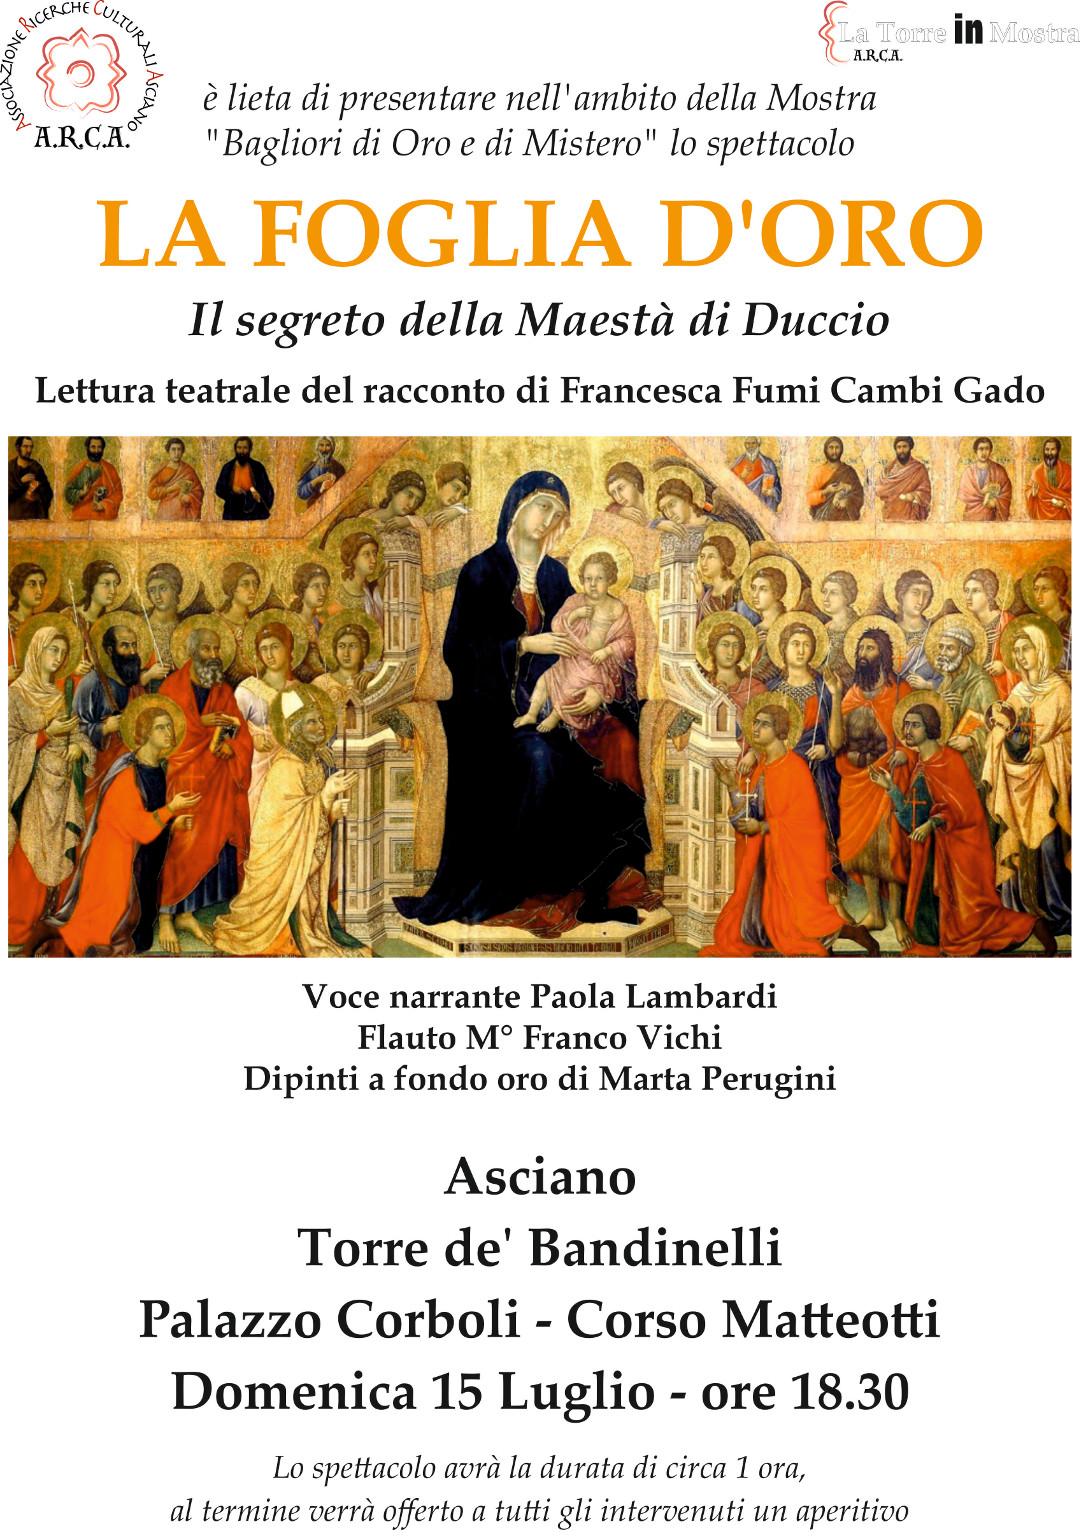 LA FOGLIA D'ORO – Il Segreto della Maestà di Duccio – Domenica 15 luglio ore 18:30